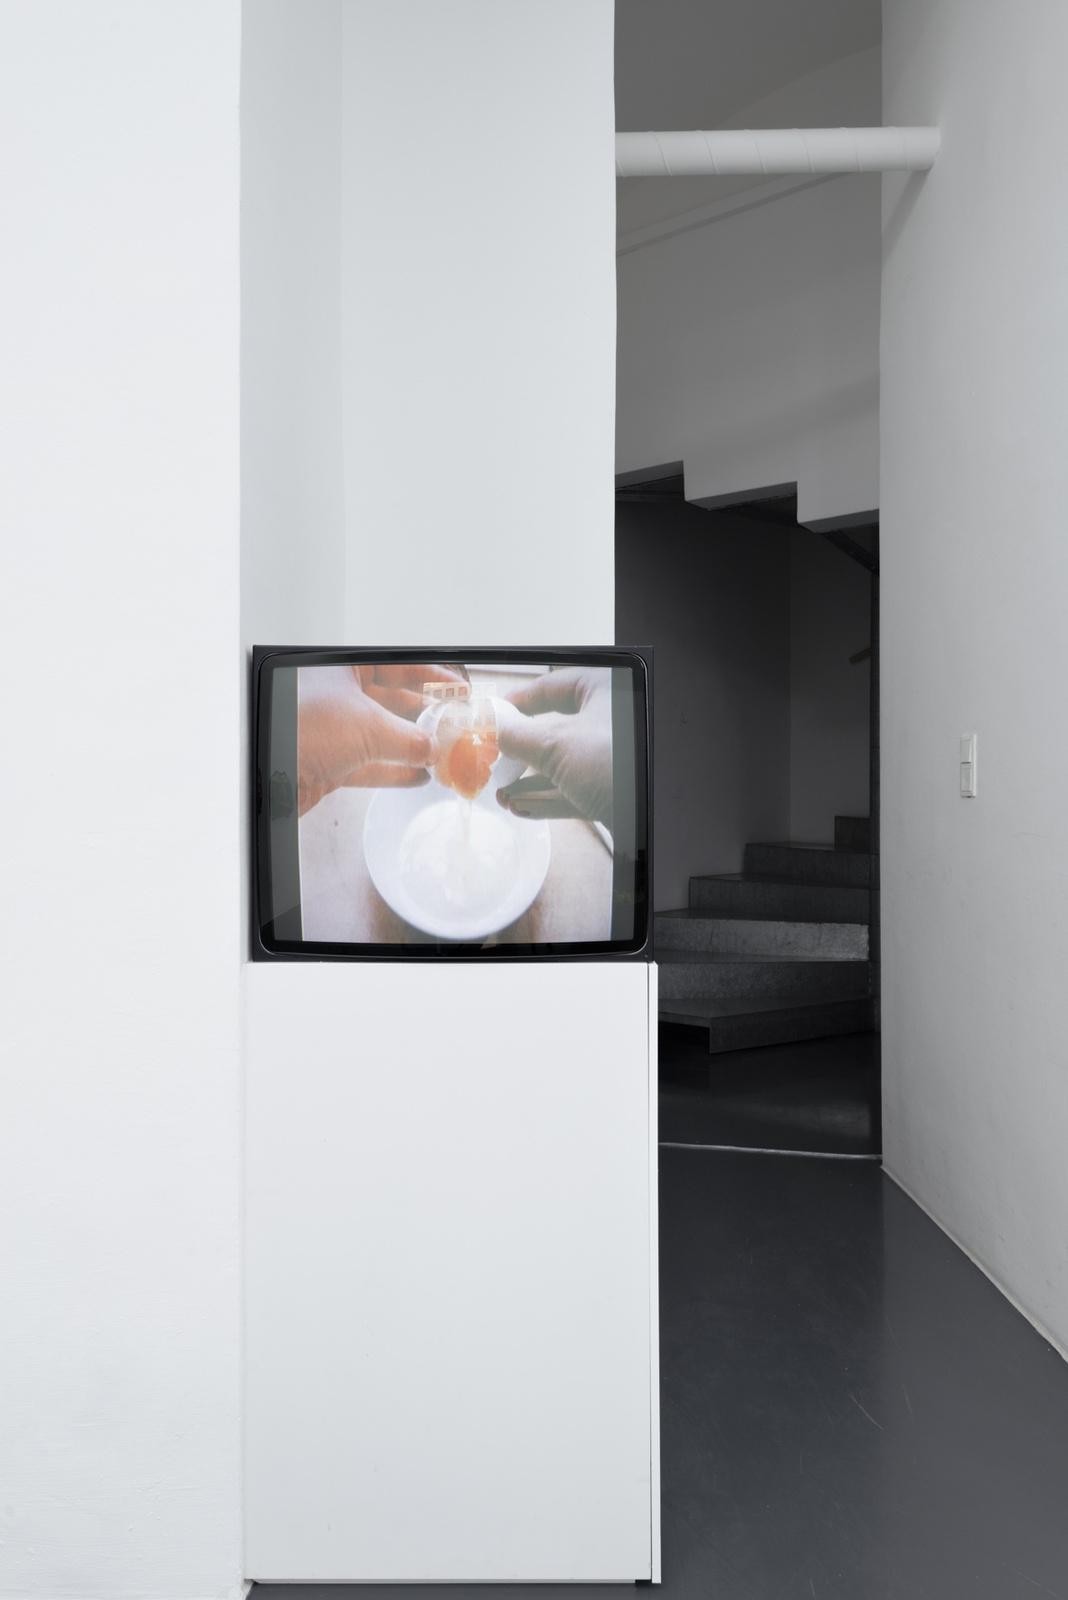 08_Installation view